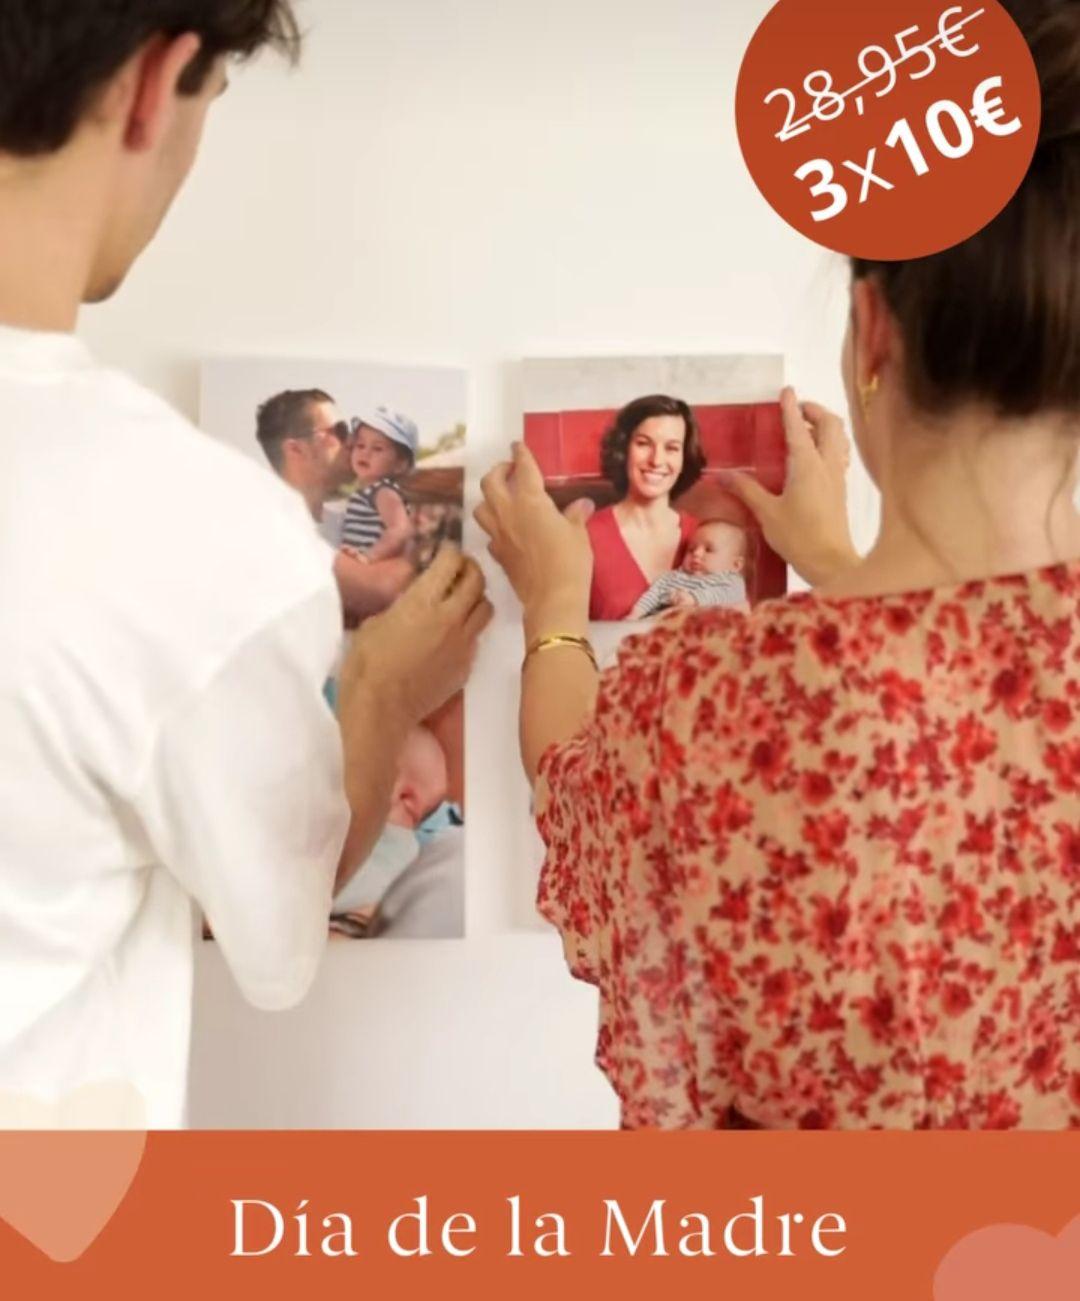 Pack de 3 cuadros adhesivos por tan solo 10€ para el día de la Madre